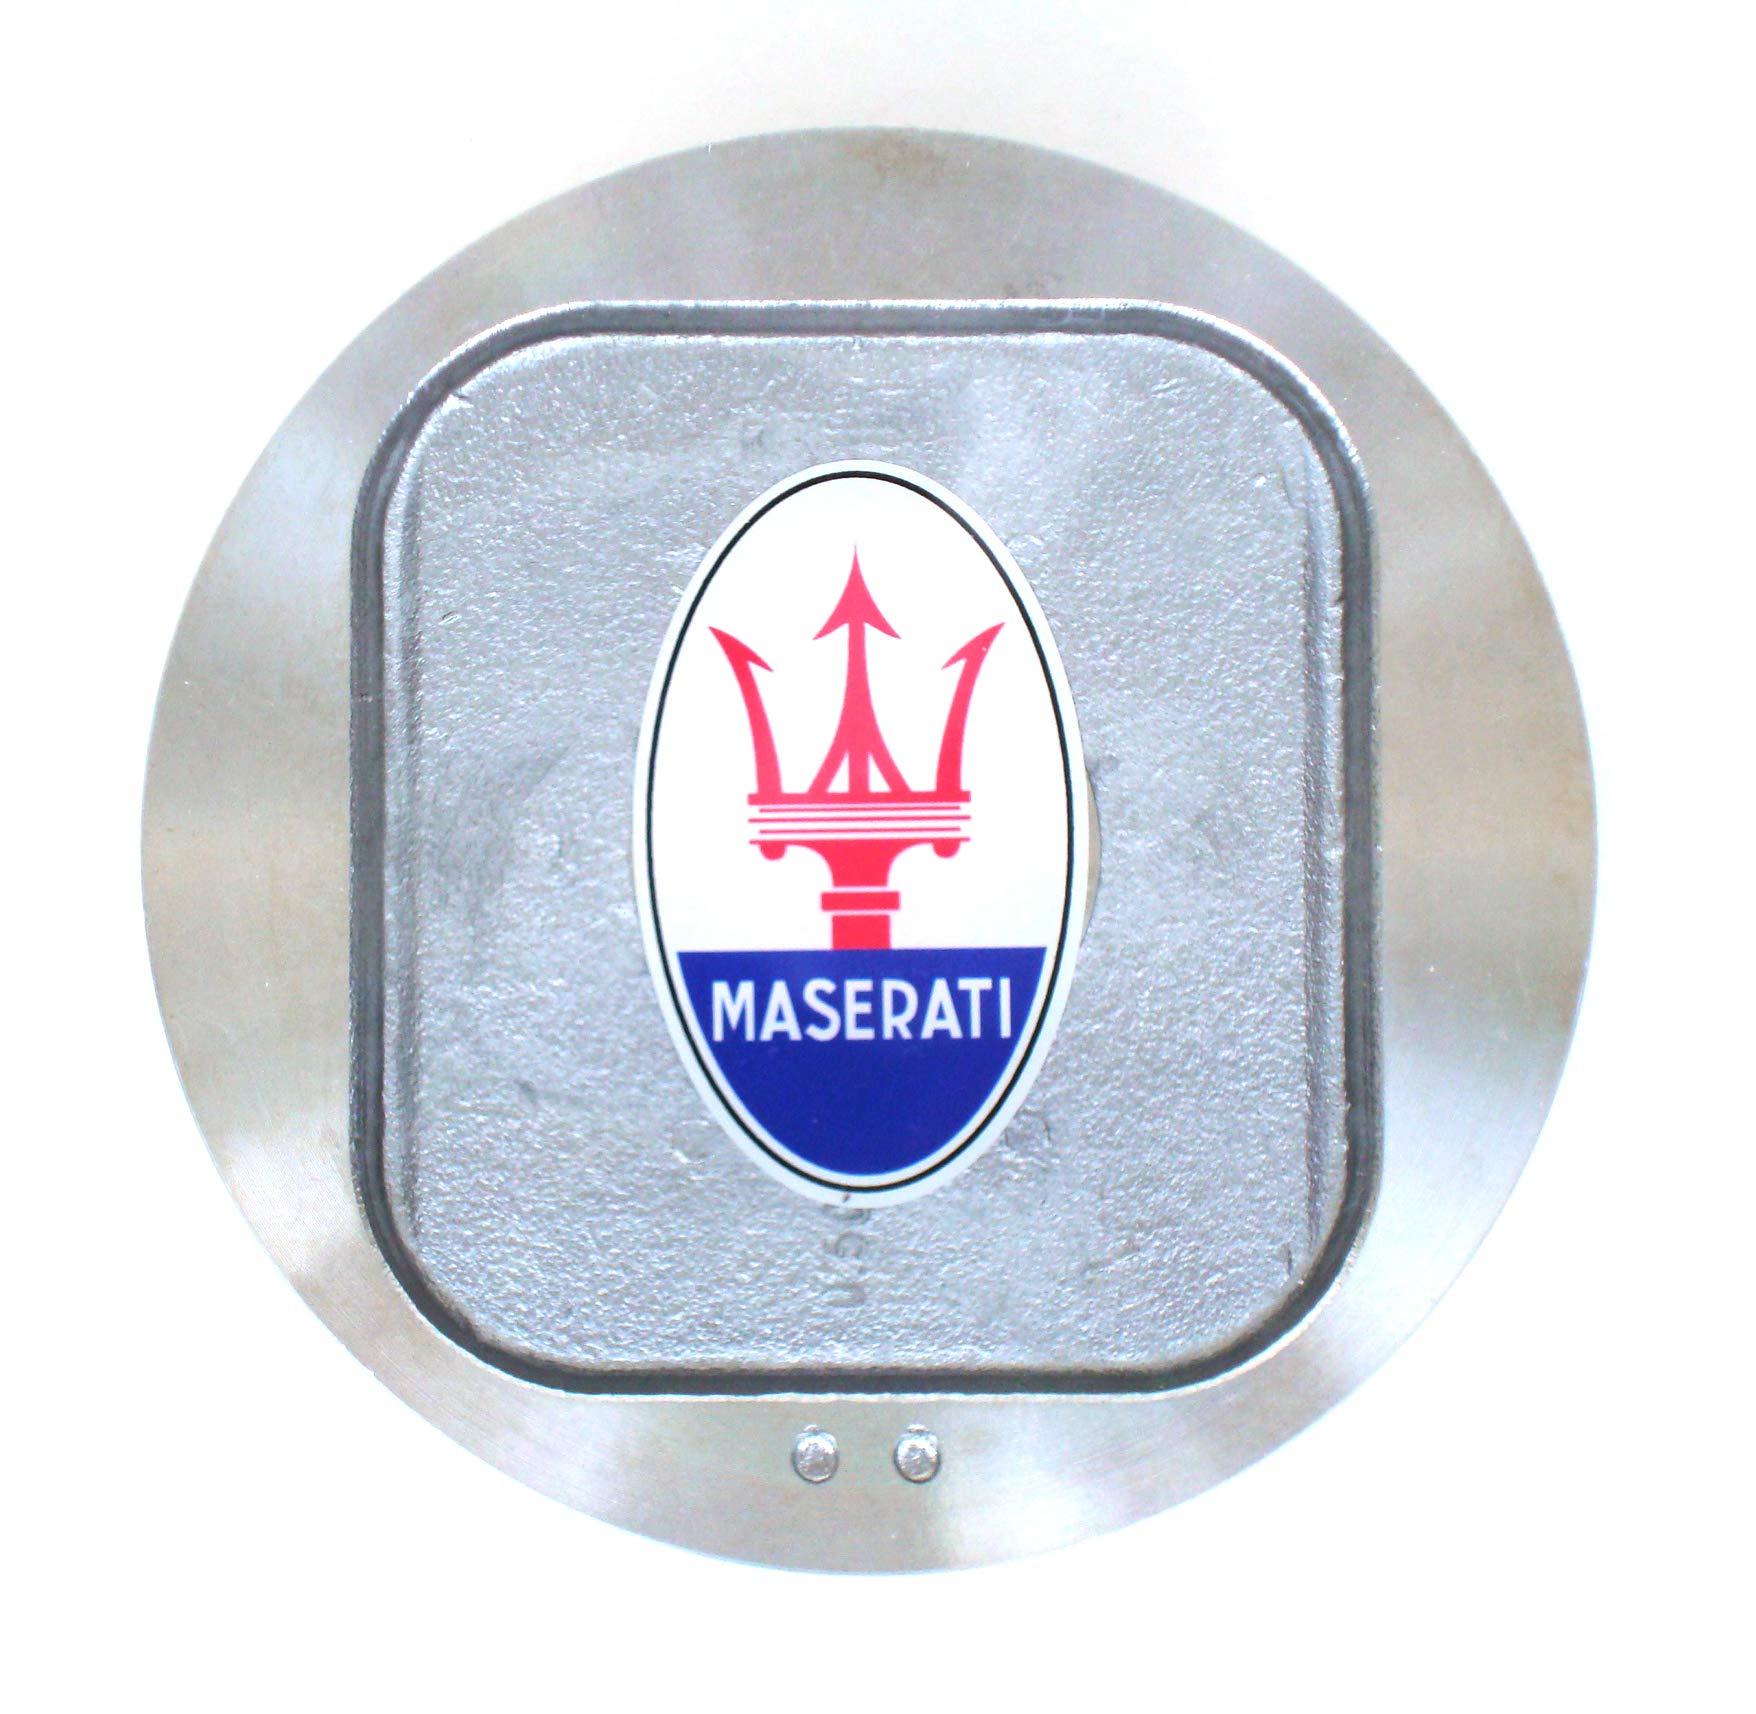 Maserati Automotive Piston Paperweight